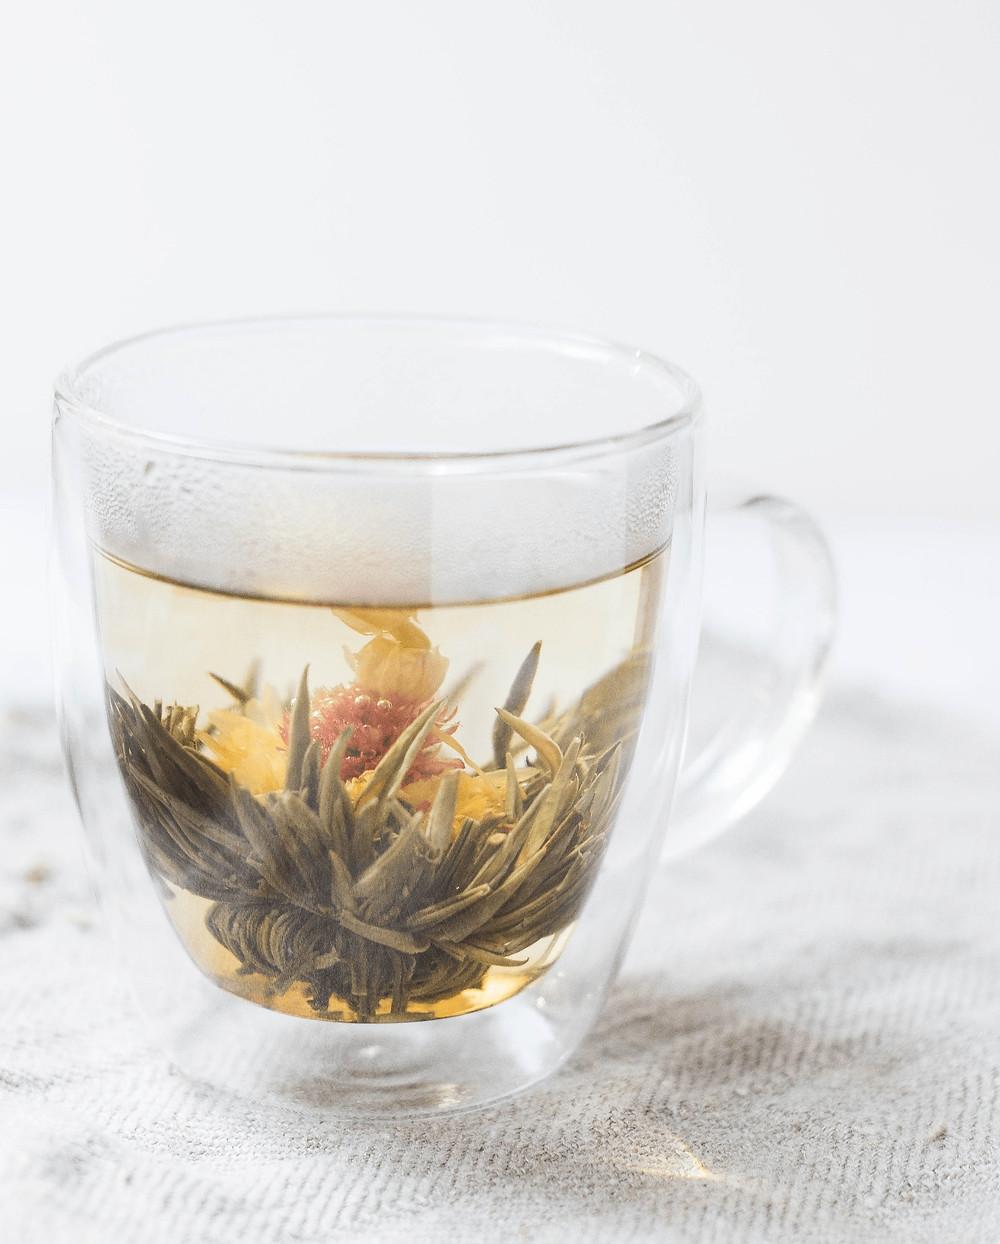 Bild einer warmen Tasse Tee.